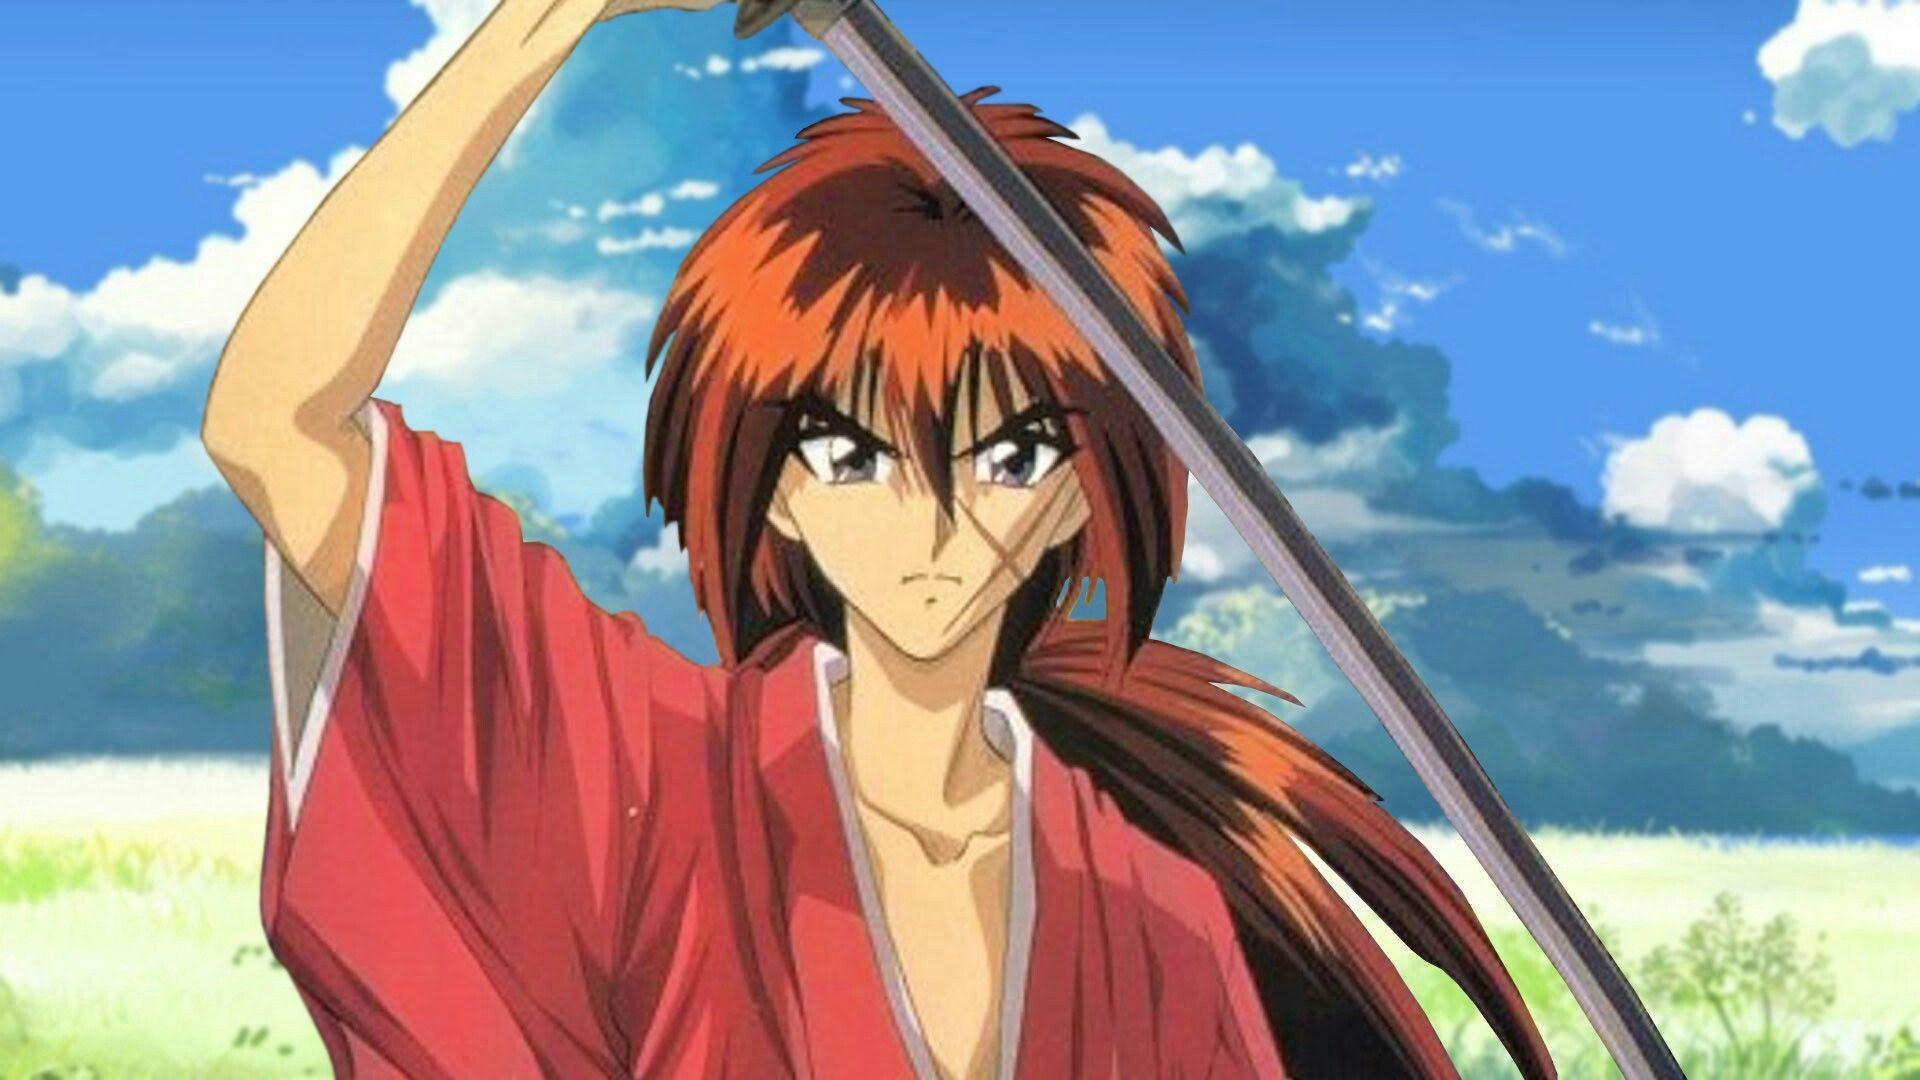 「Anime」おしゃれまとめの人気アイデア|Pinterest|CrowsEye